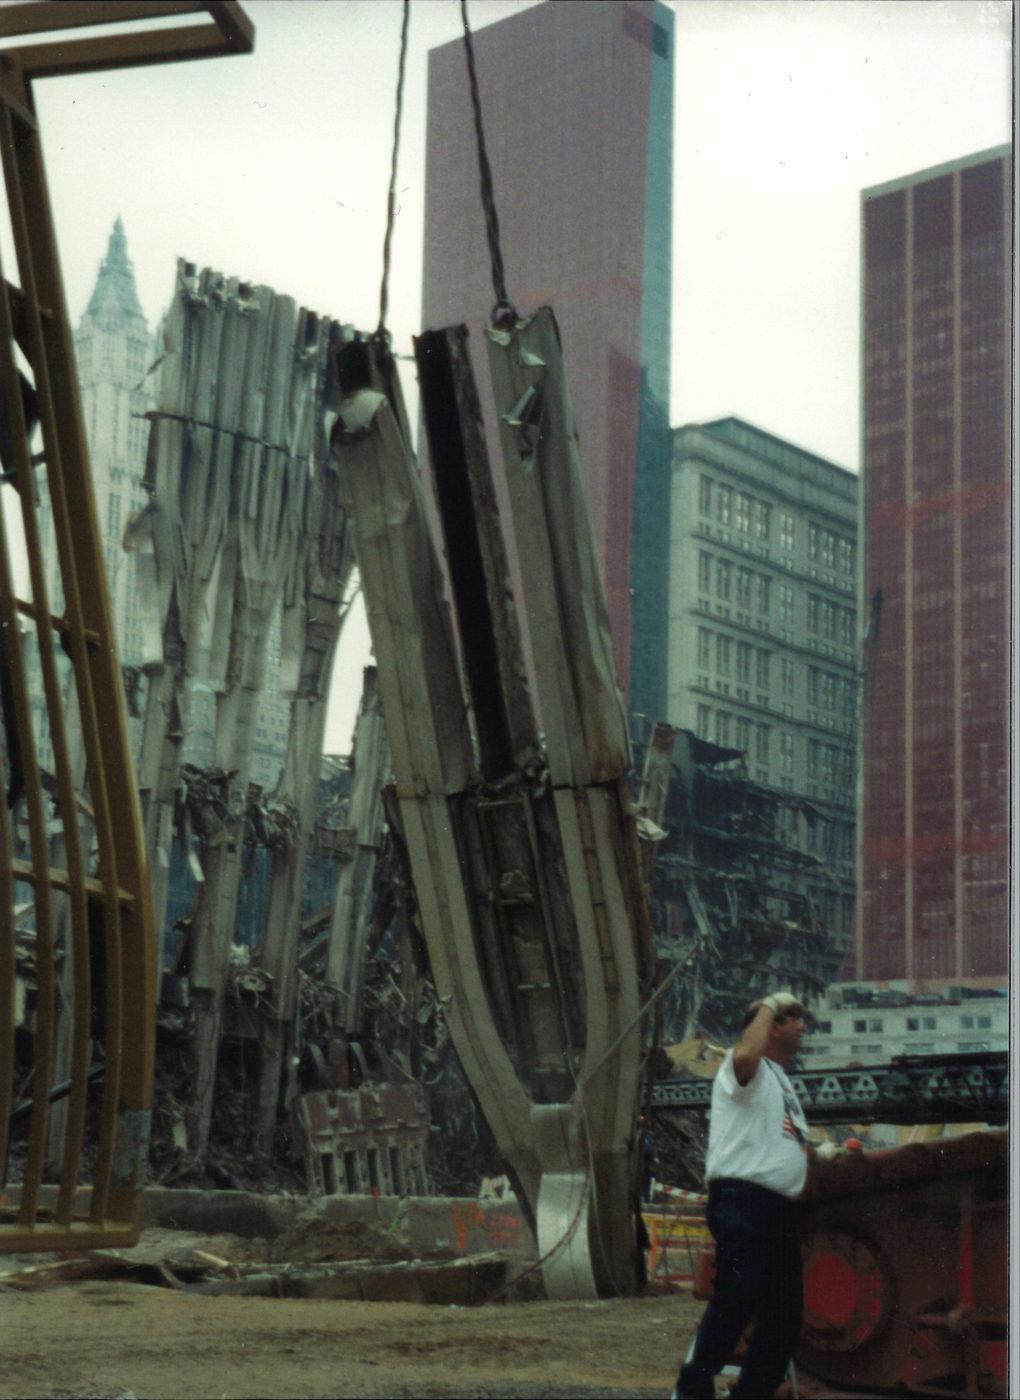 Moving Pieces of the Exoskeleton at Ground Zero